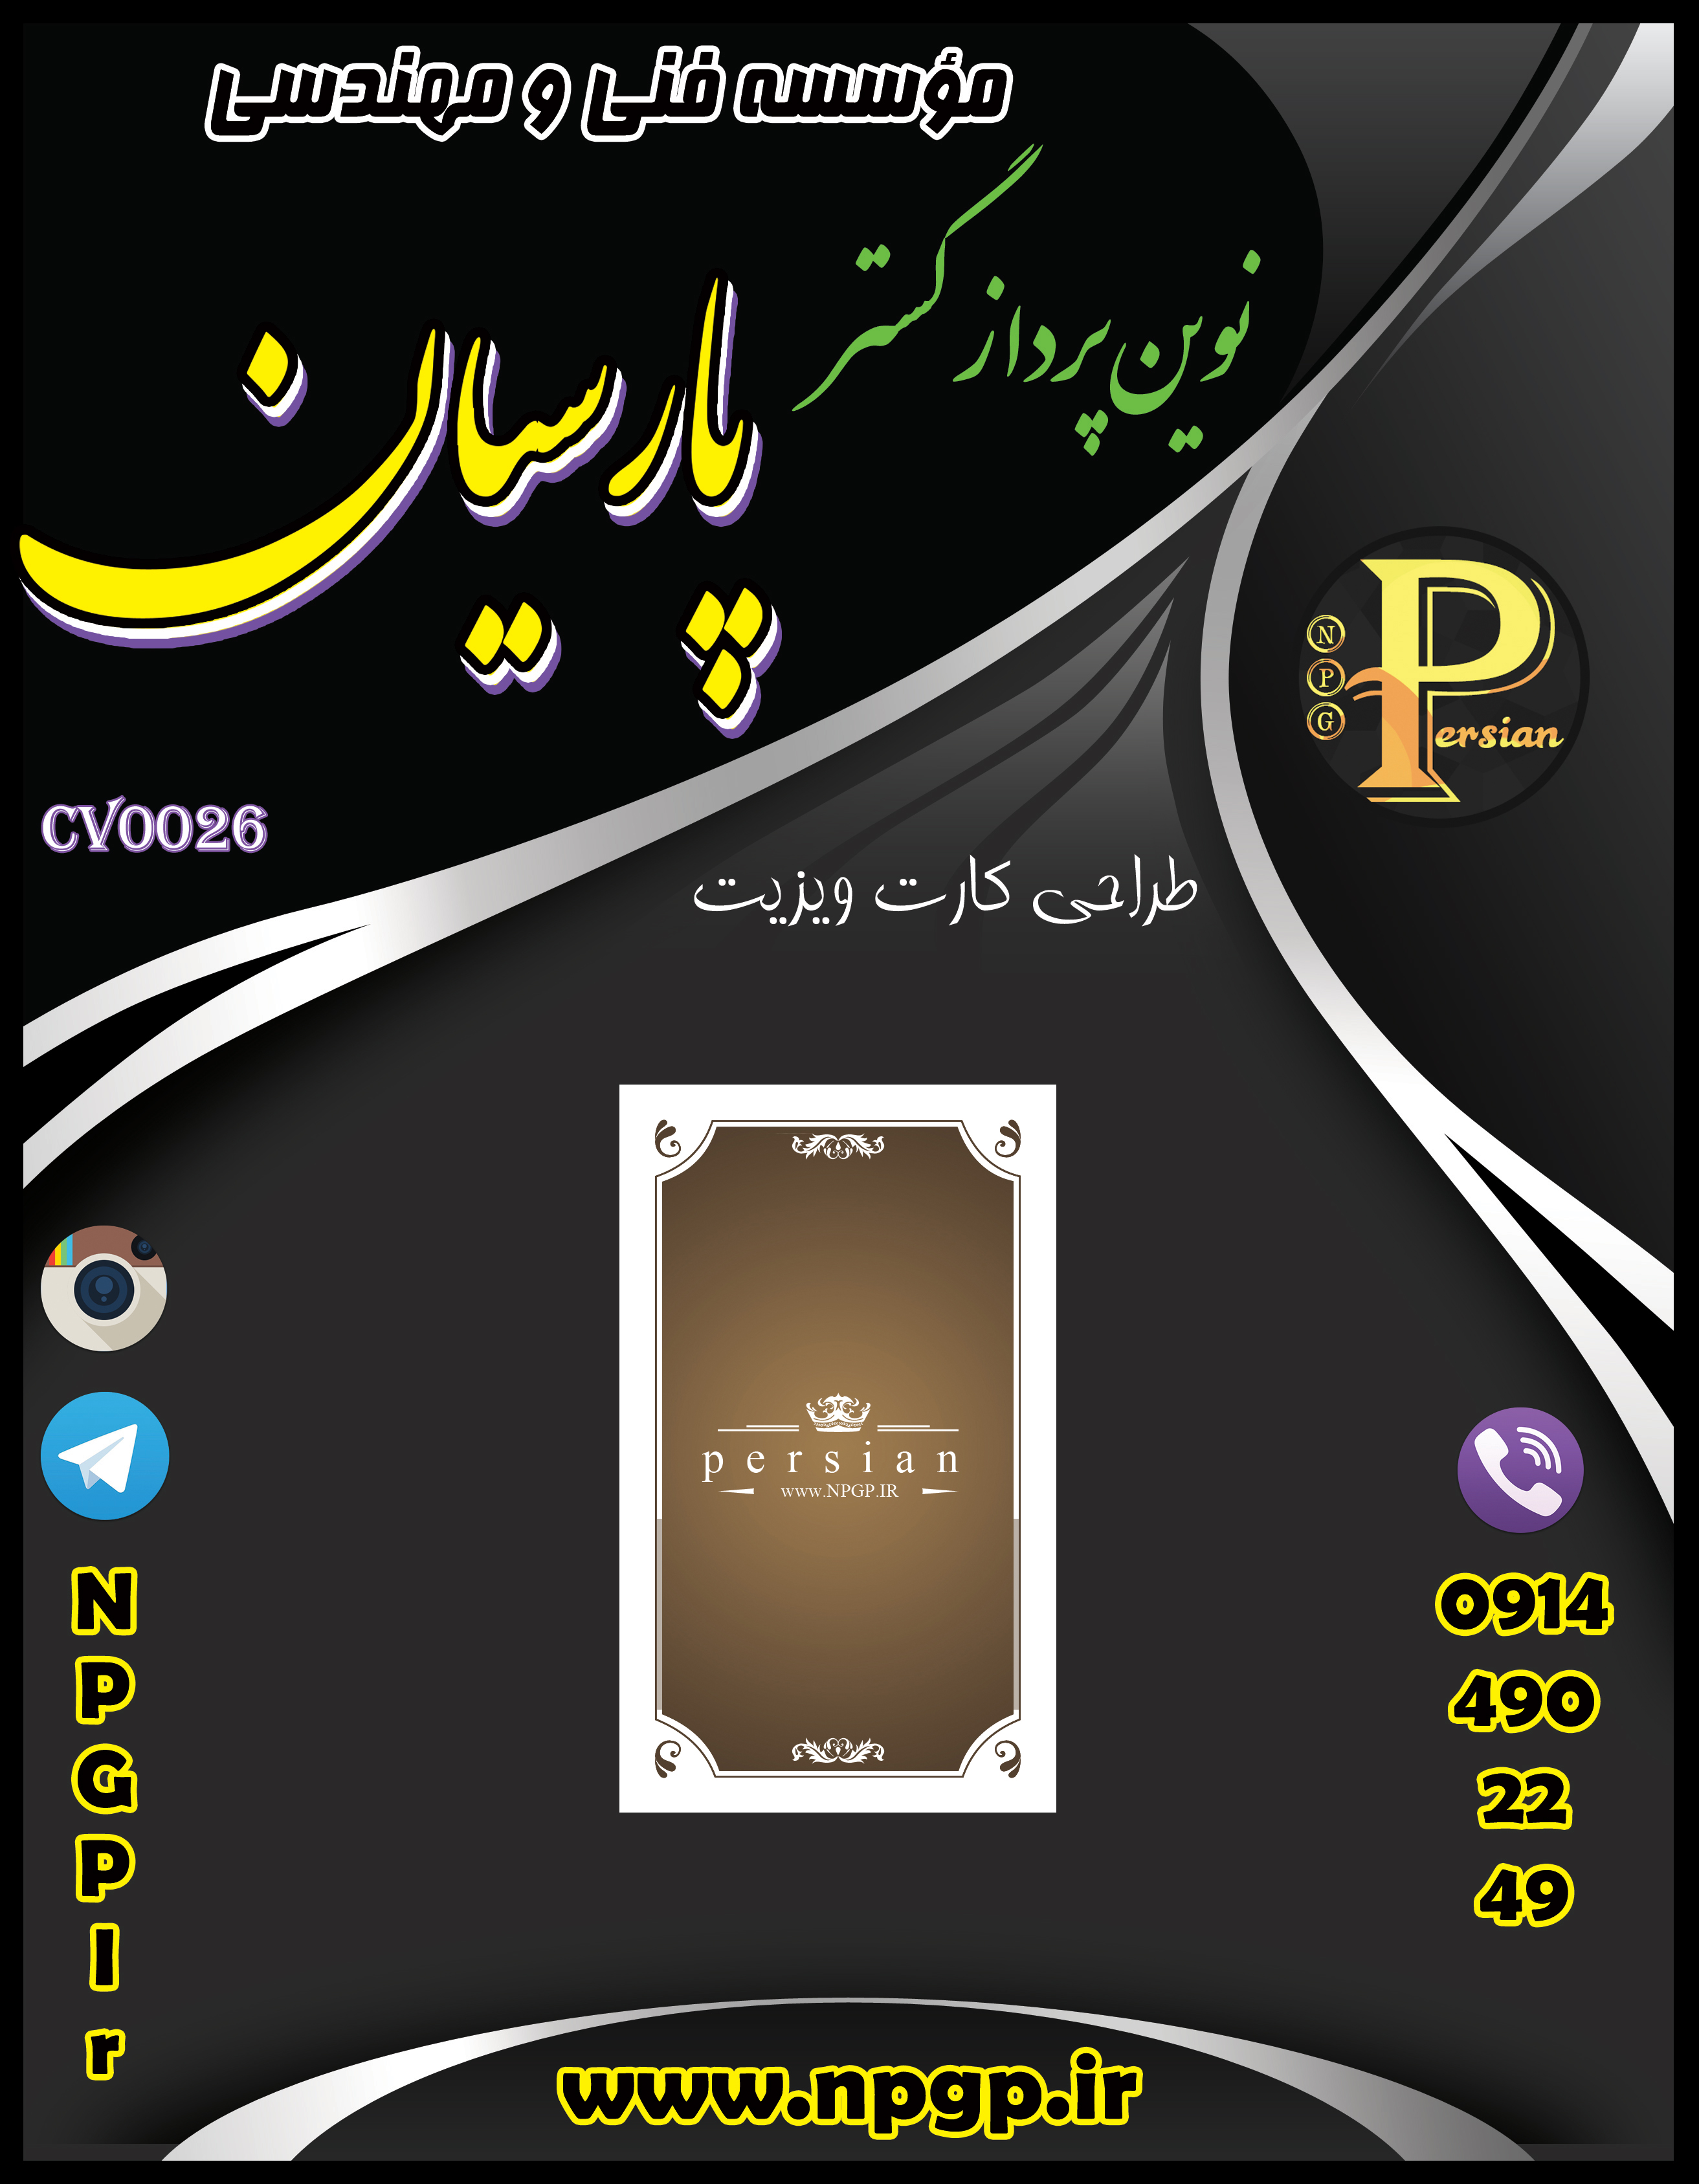 نمونه کارت ویزیت شماره 26 | طراحی کارت ویزیت اختصاصی